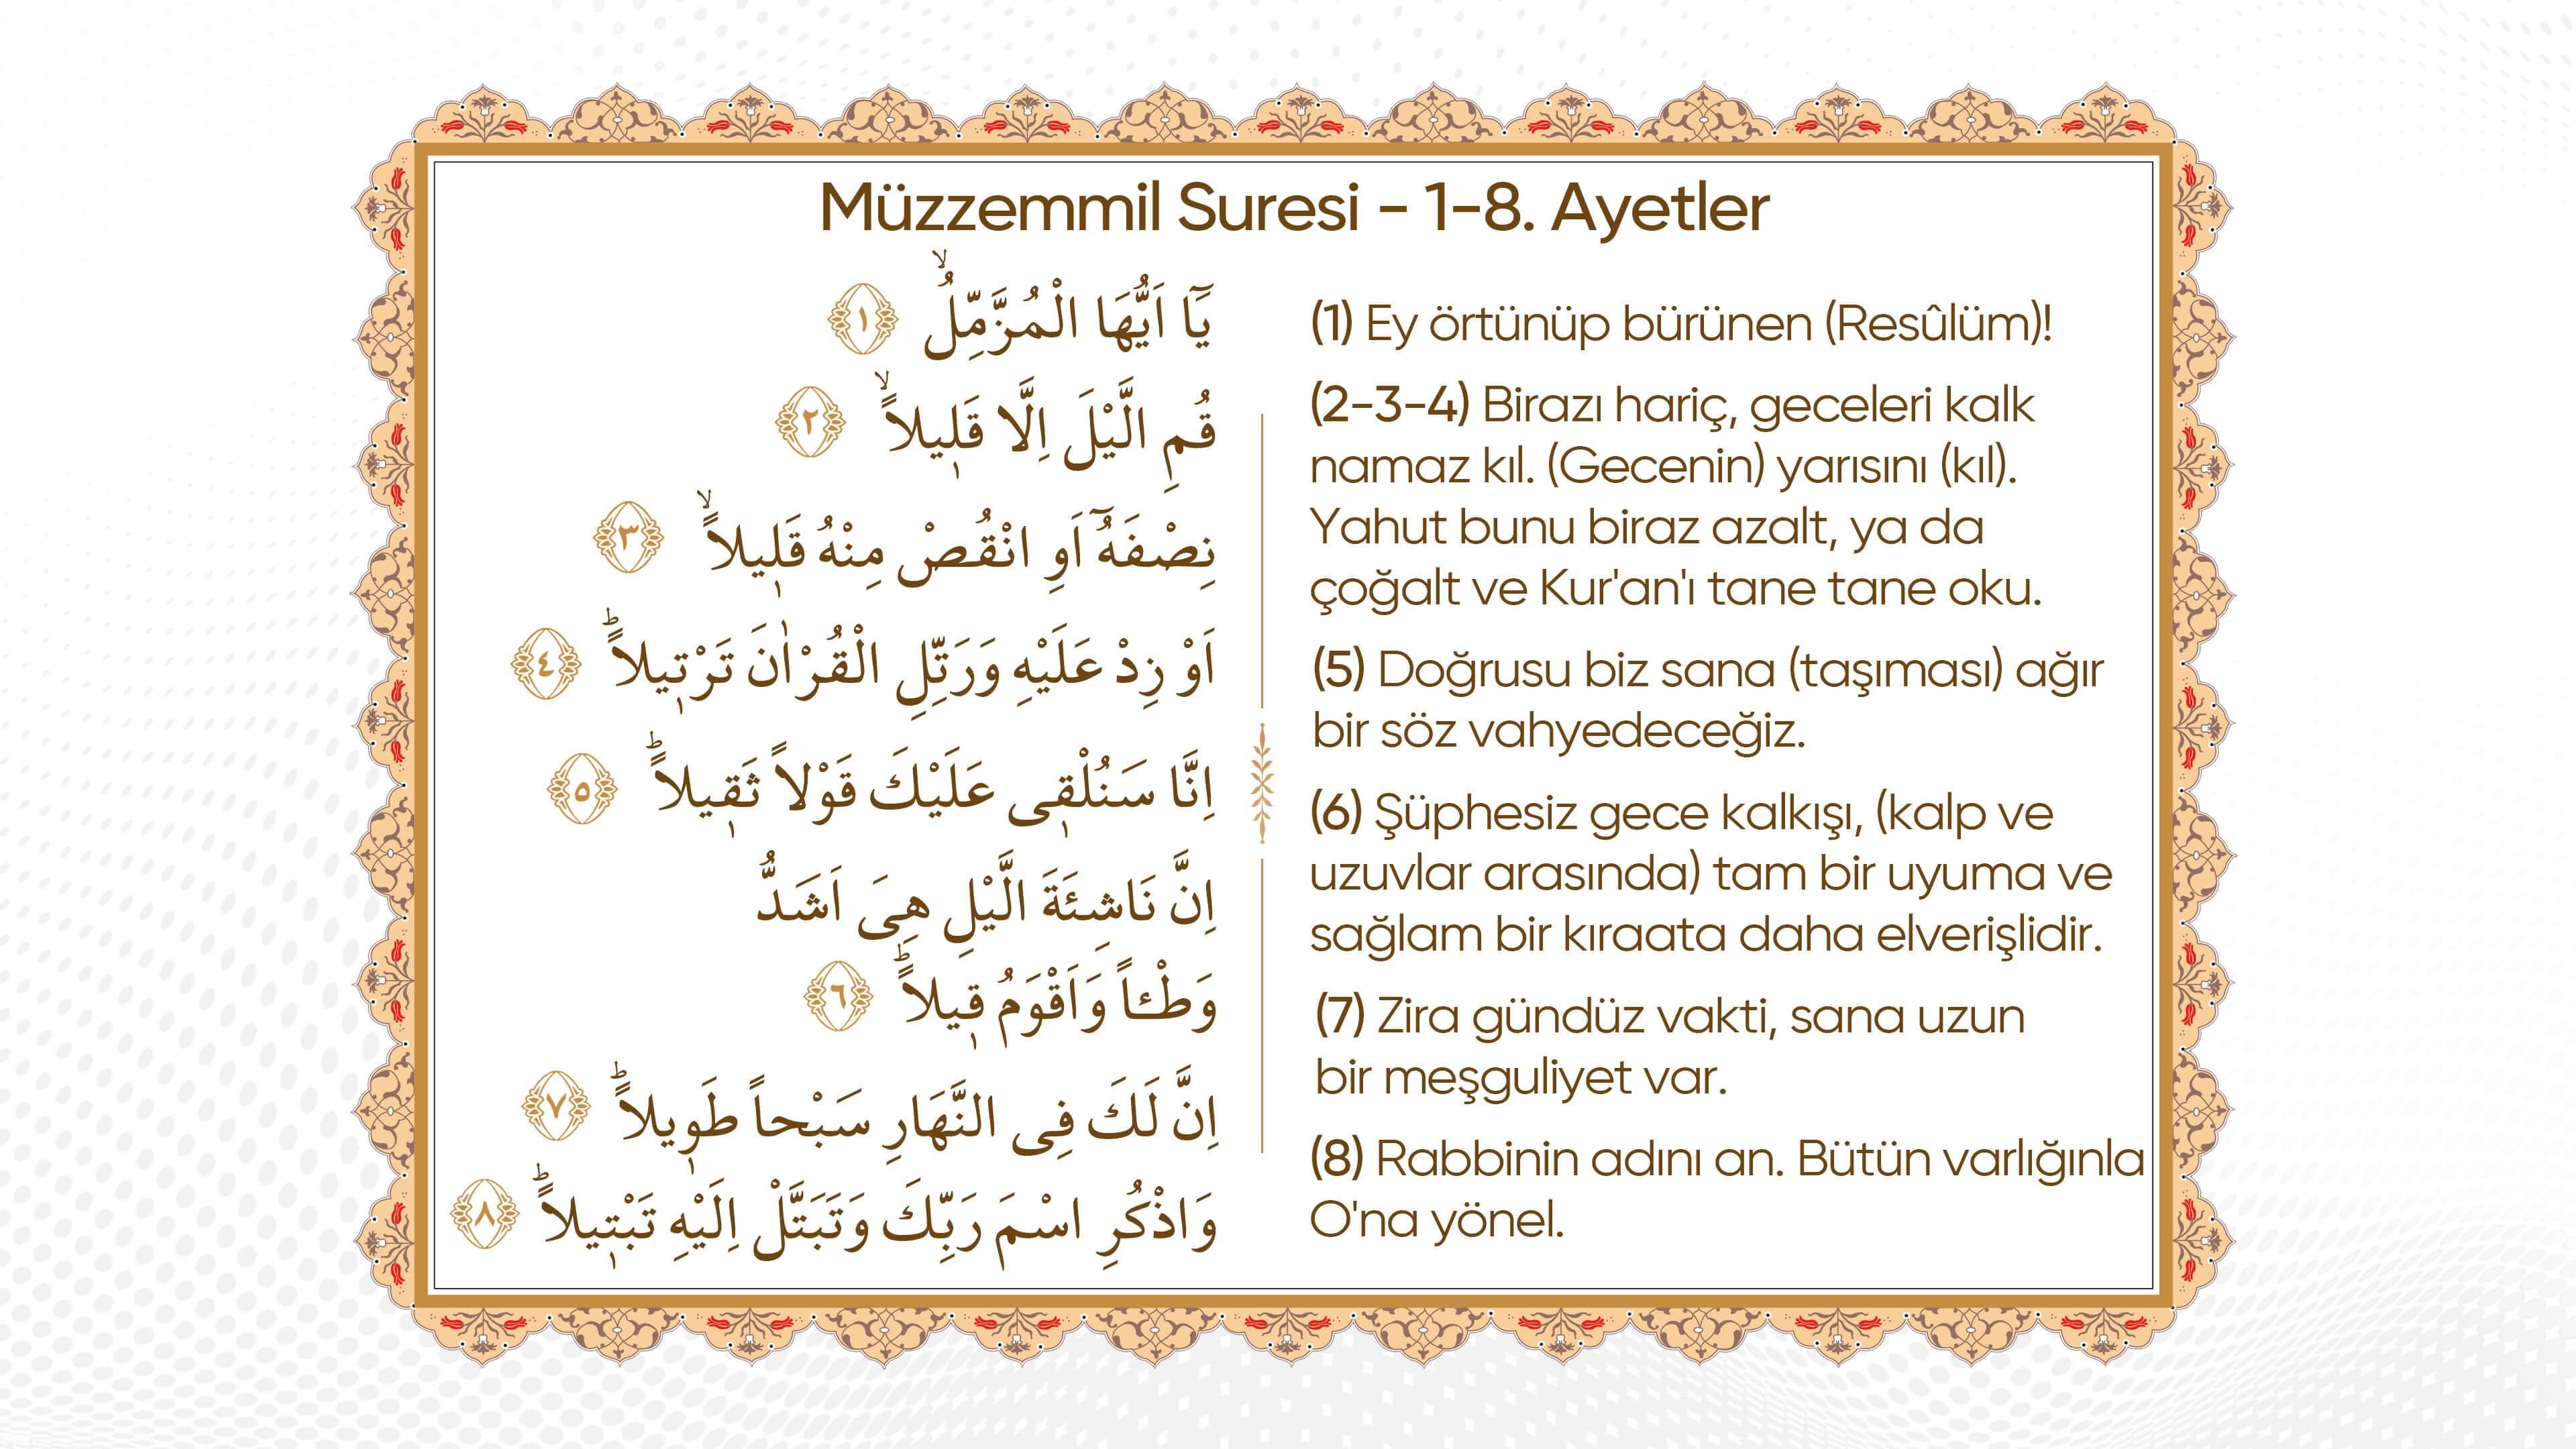 Müzzemmil Suresi 1-8 Ayetler